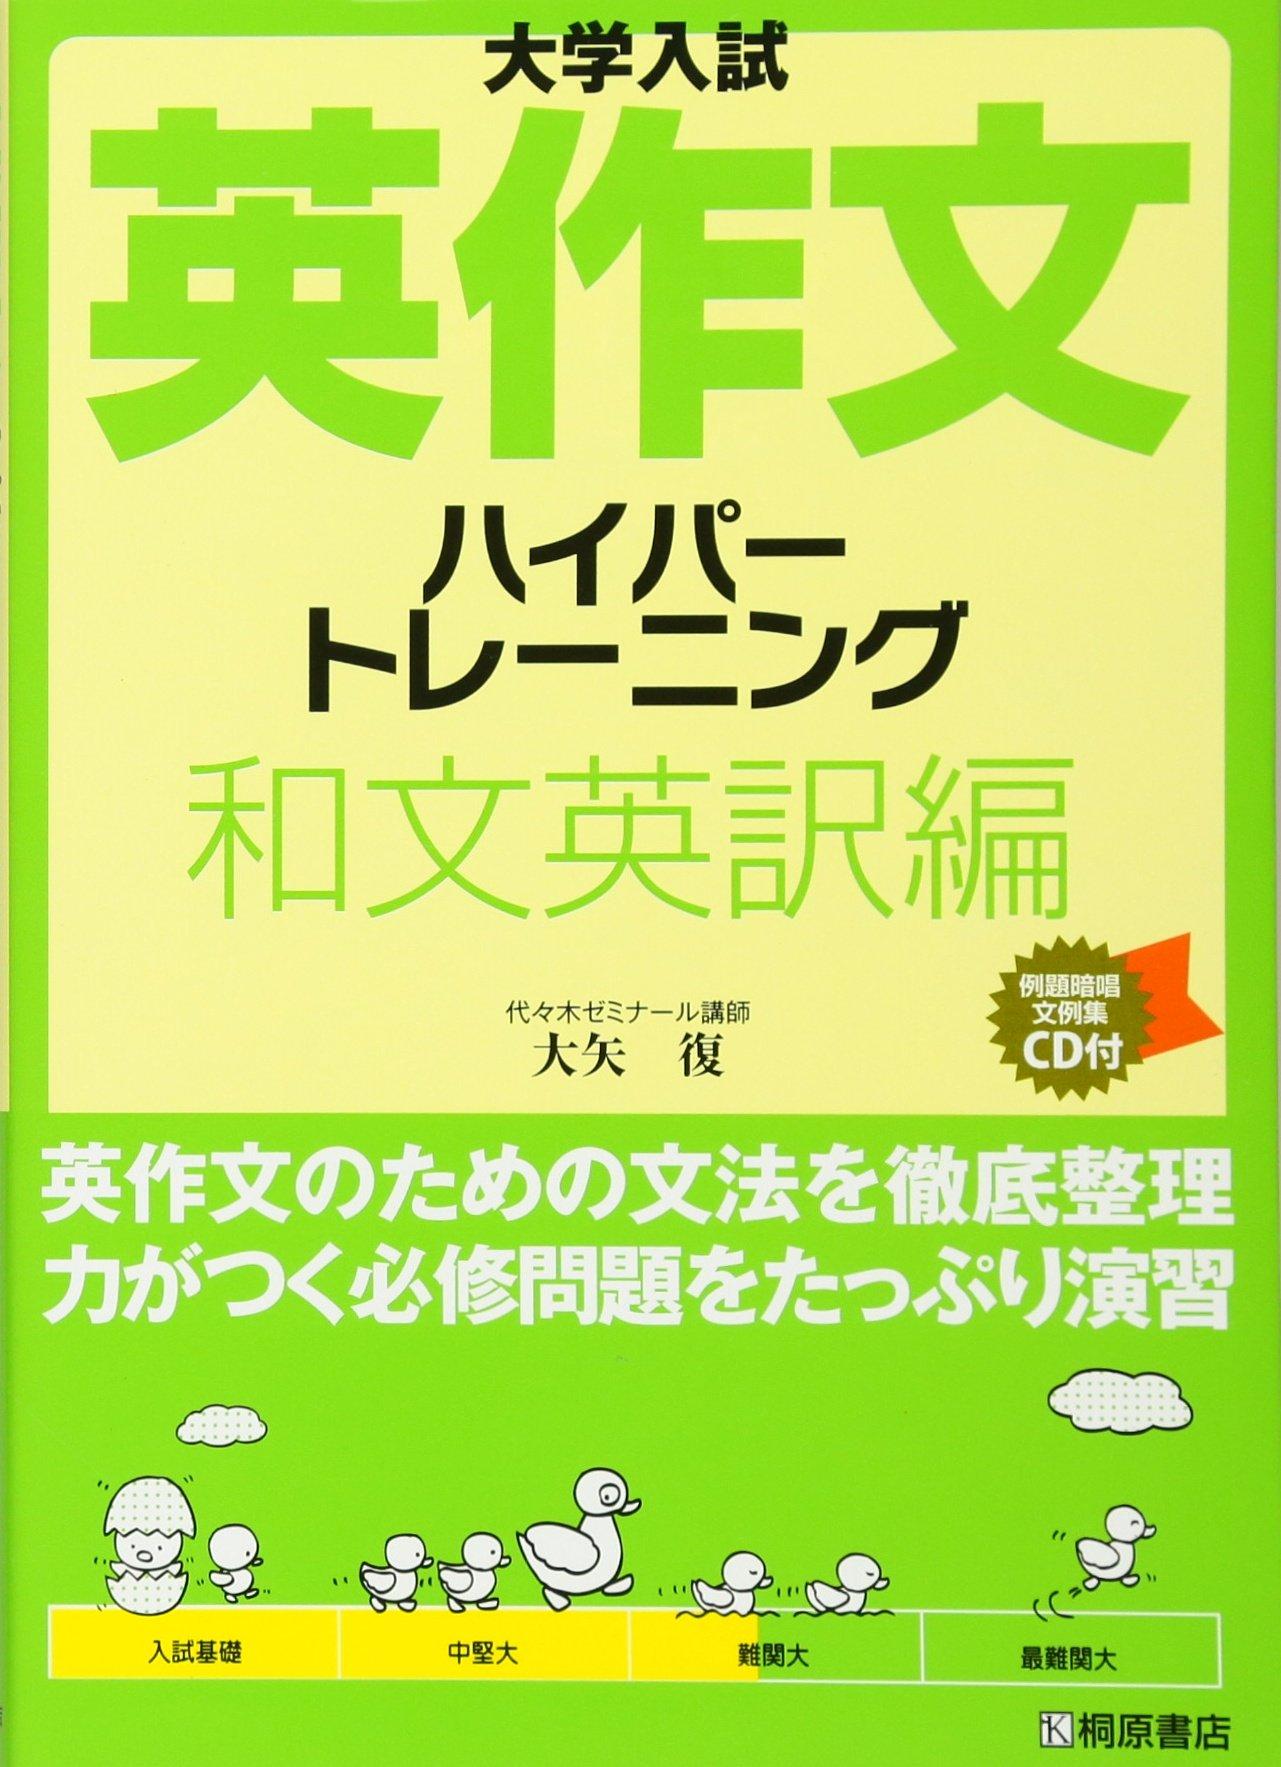 英作文のおすすめ参考書・問題集『英作文ハイパートレーニング 和文英訳編』